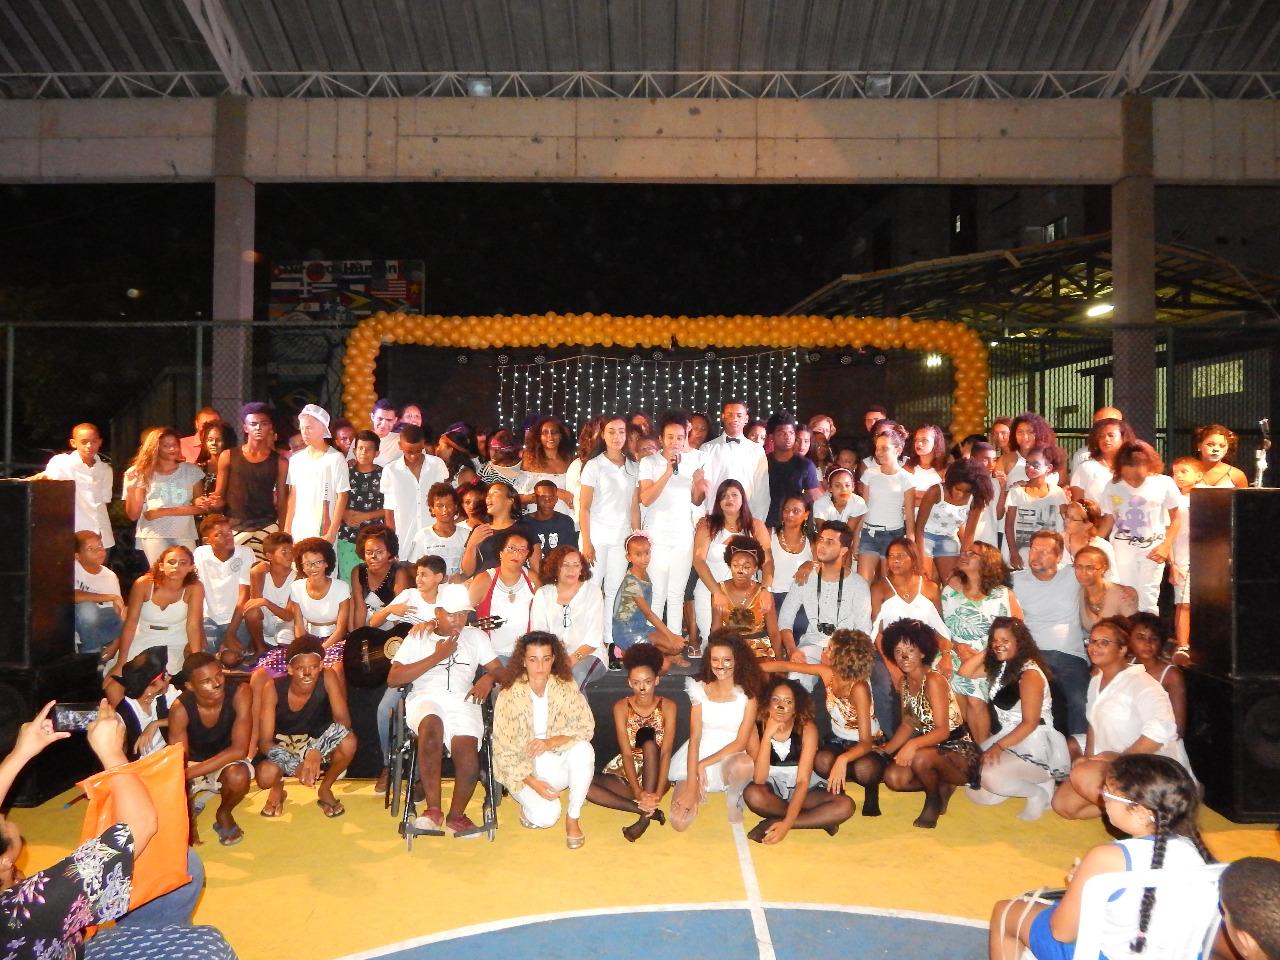 Alunos do Centro Educacional Fênix encantam público com espetáculo musical